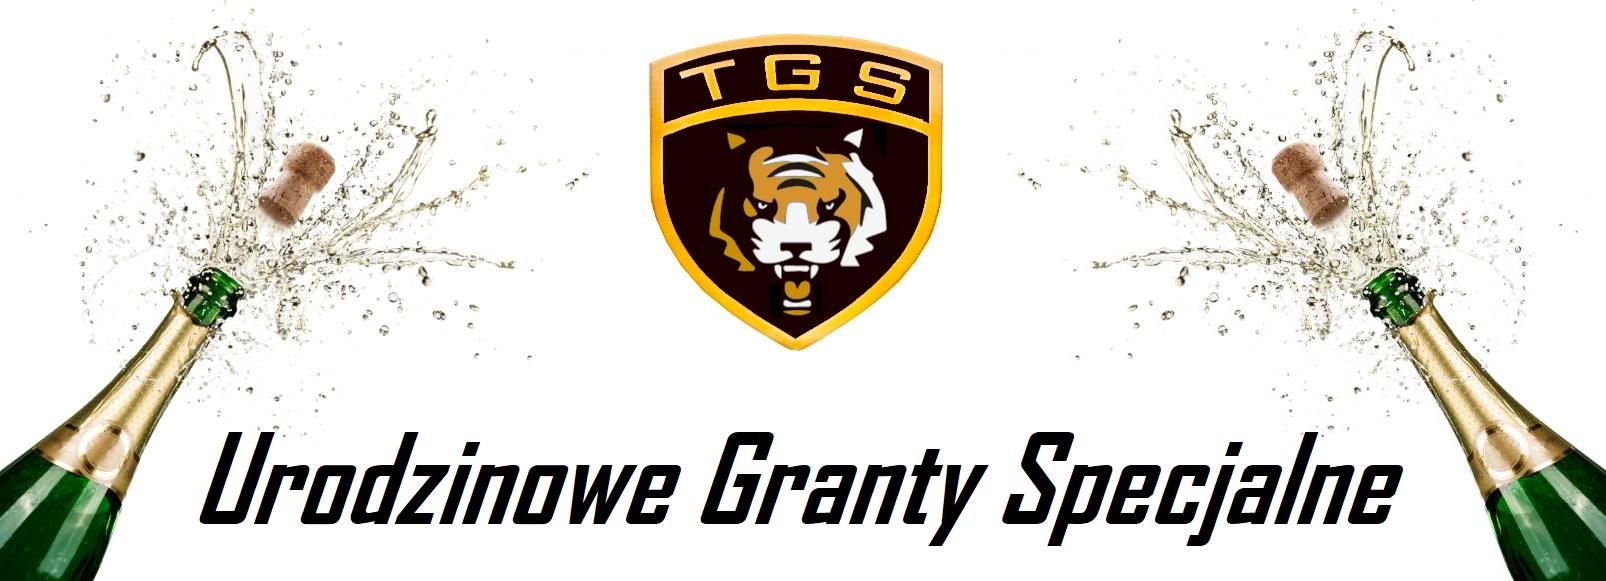 http://www.tgs.ayz.pl/Wydarzenia/11urodziny/ur_granty_sp.jpg